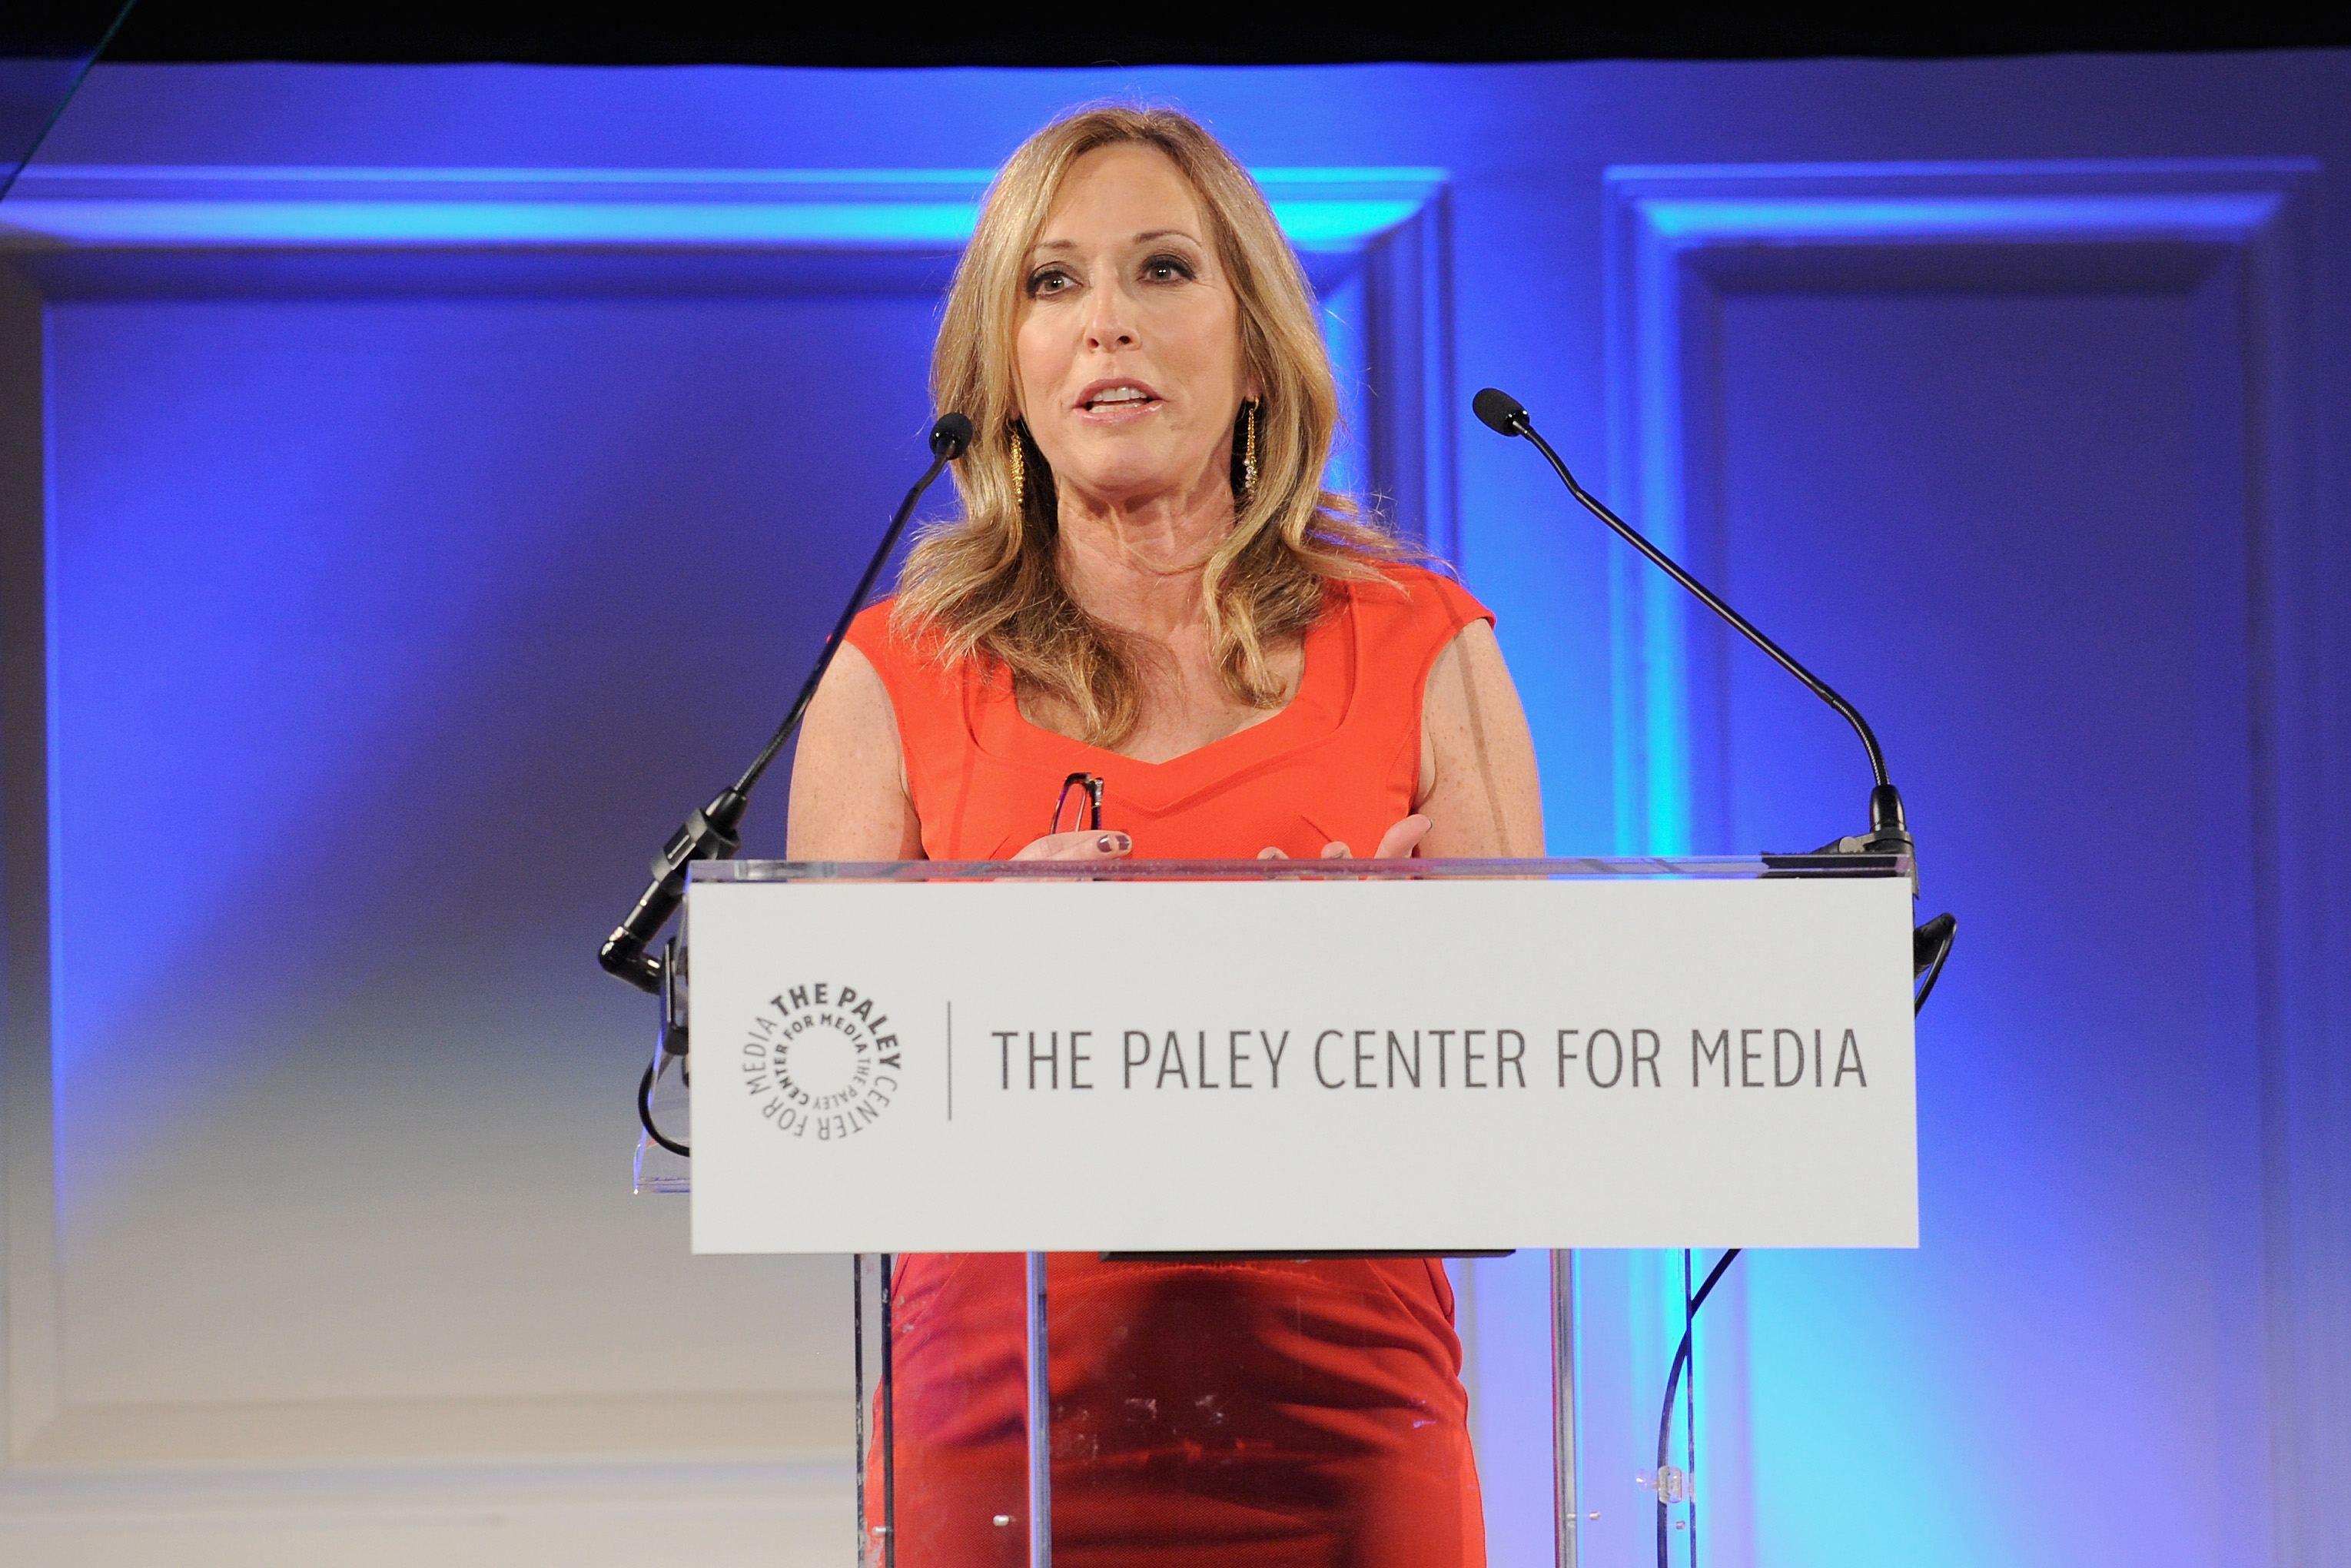 ESPN anchor Linda Cohn